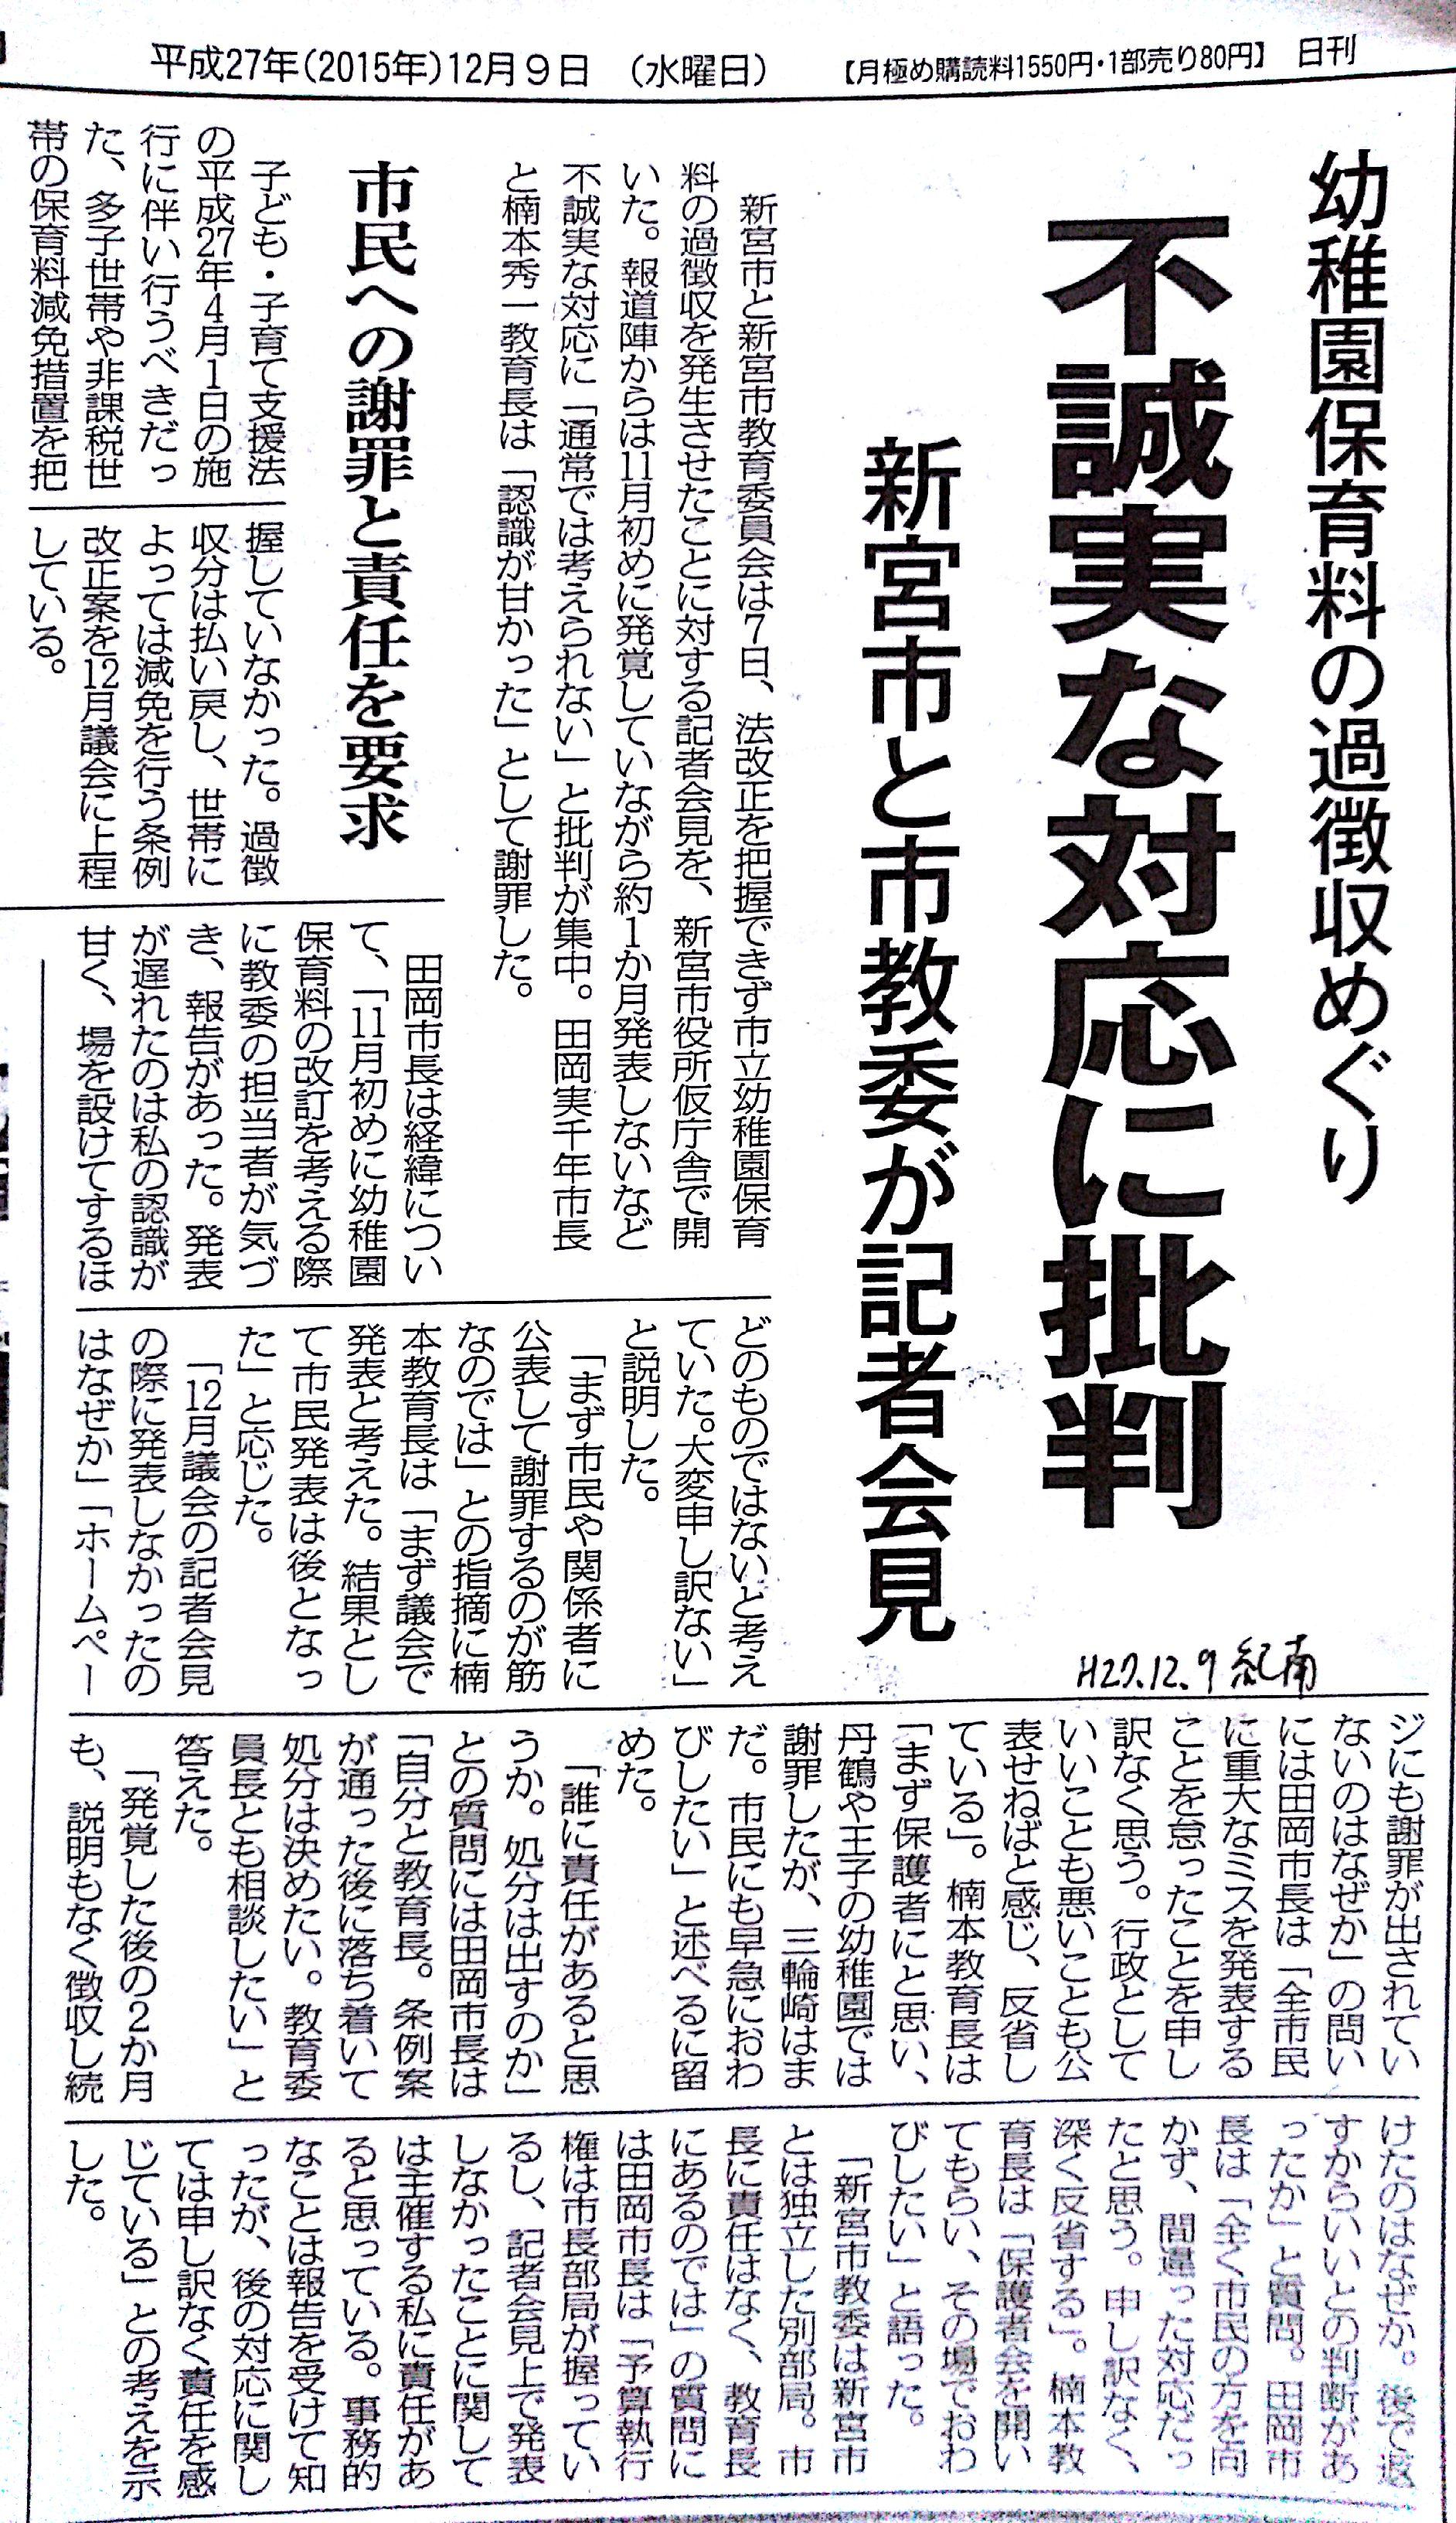 紀南新聞20151209